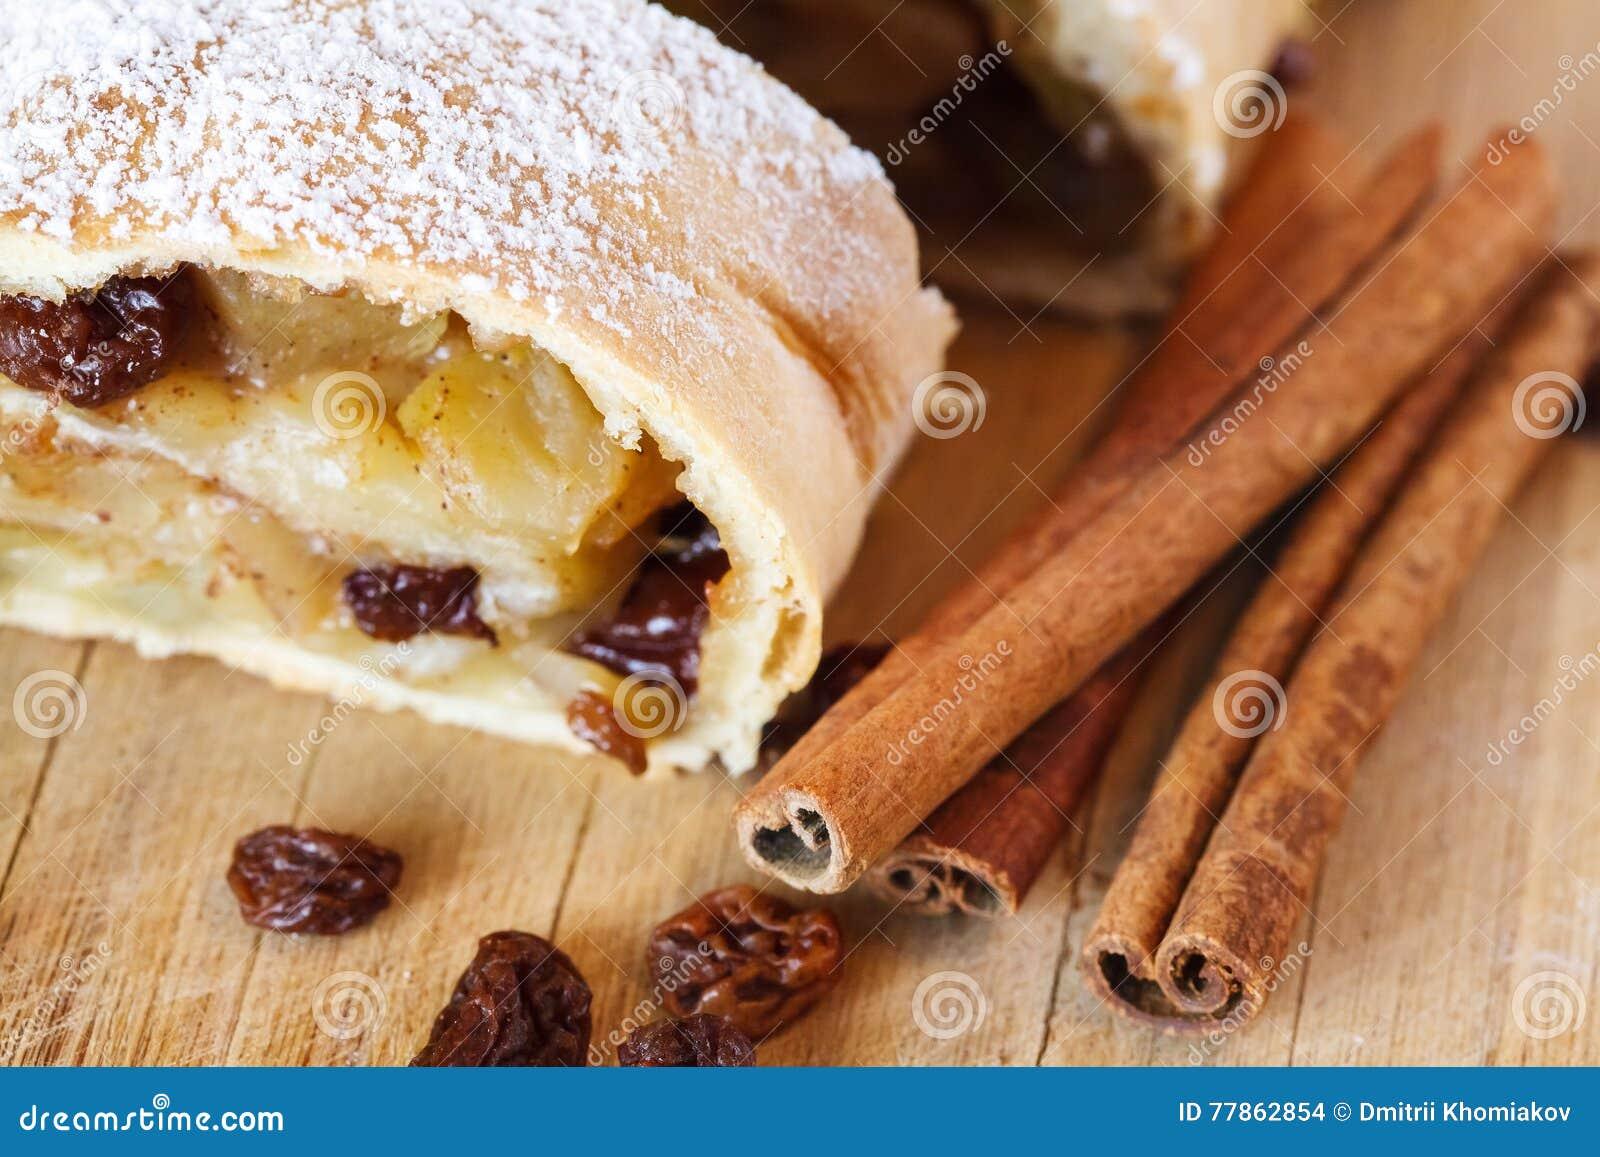 Strudel της Apple με τη ζάχαρη τήξης, ραβδιά κανέλας, ξύλινο υπόβαθρο